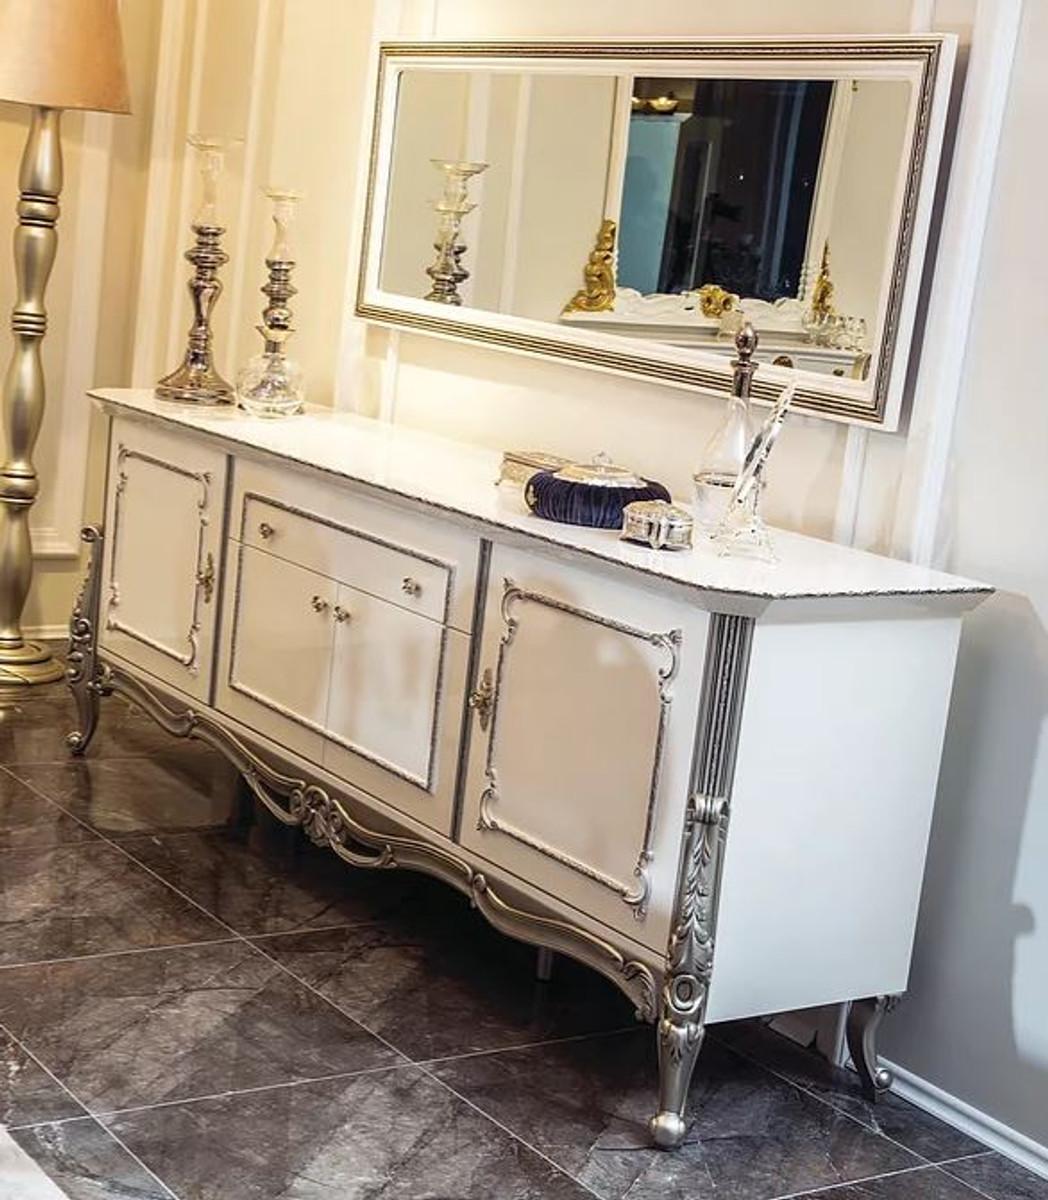 Casa Padrino Set Di Mobili Barocchi Di Lusso Credenza Con Specchio Bianco Argento Armadio In Legno Massello Con Elegante Specchio A Muro Nobile E Magnifico Casa Padrino De